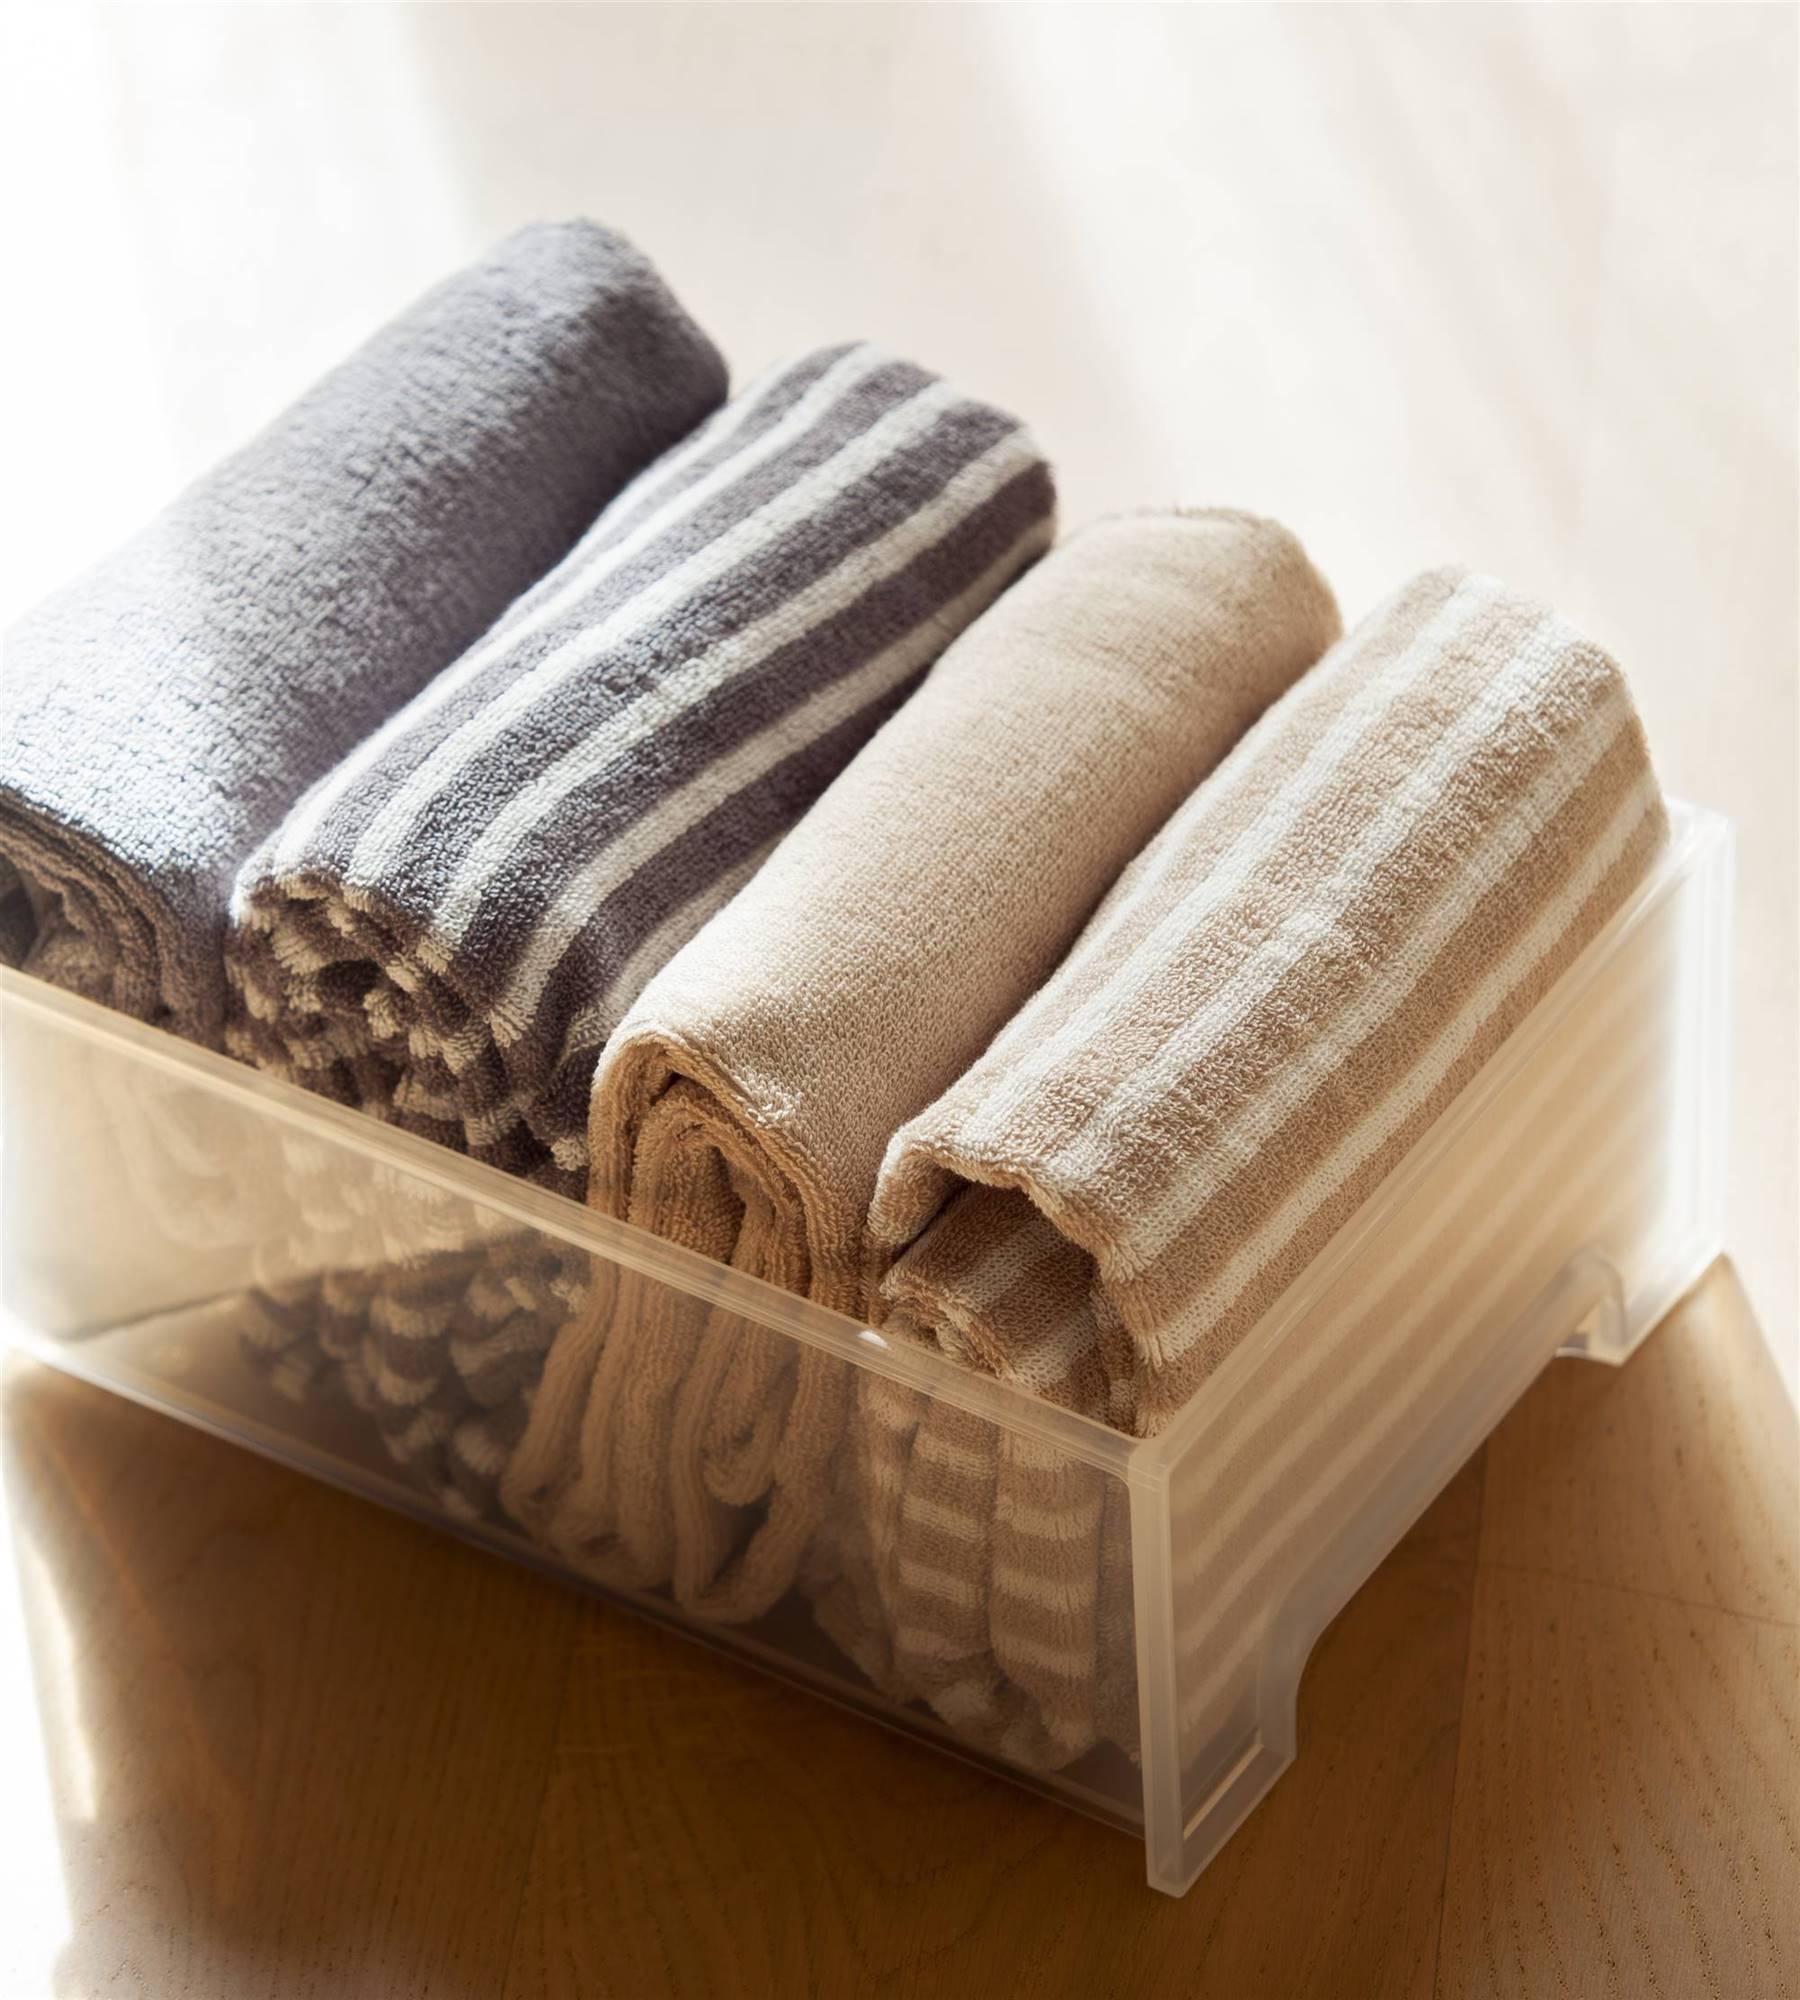 Recuerda acomodar en forma vertical las toallas de tu baño